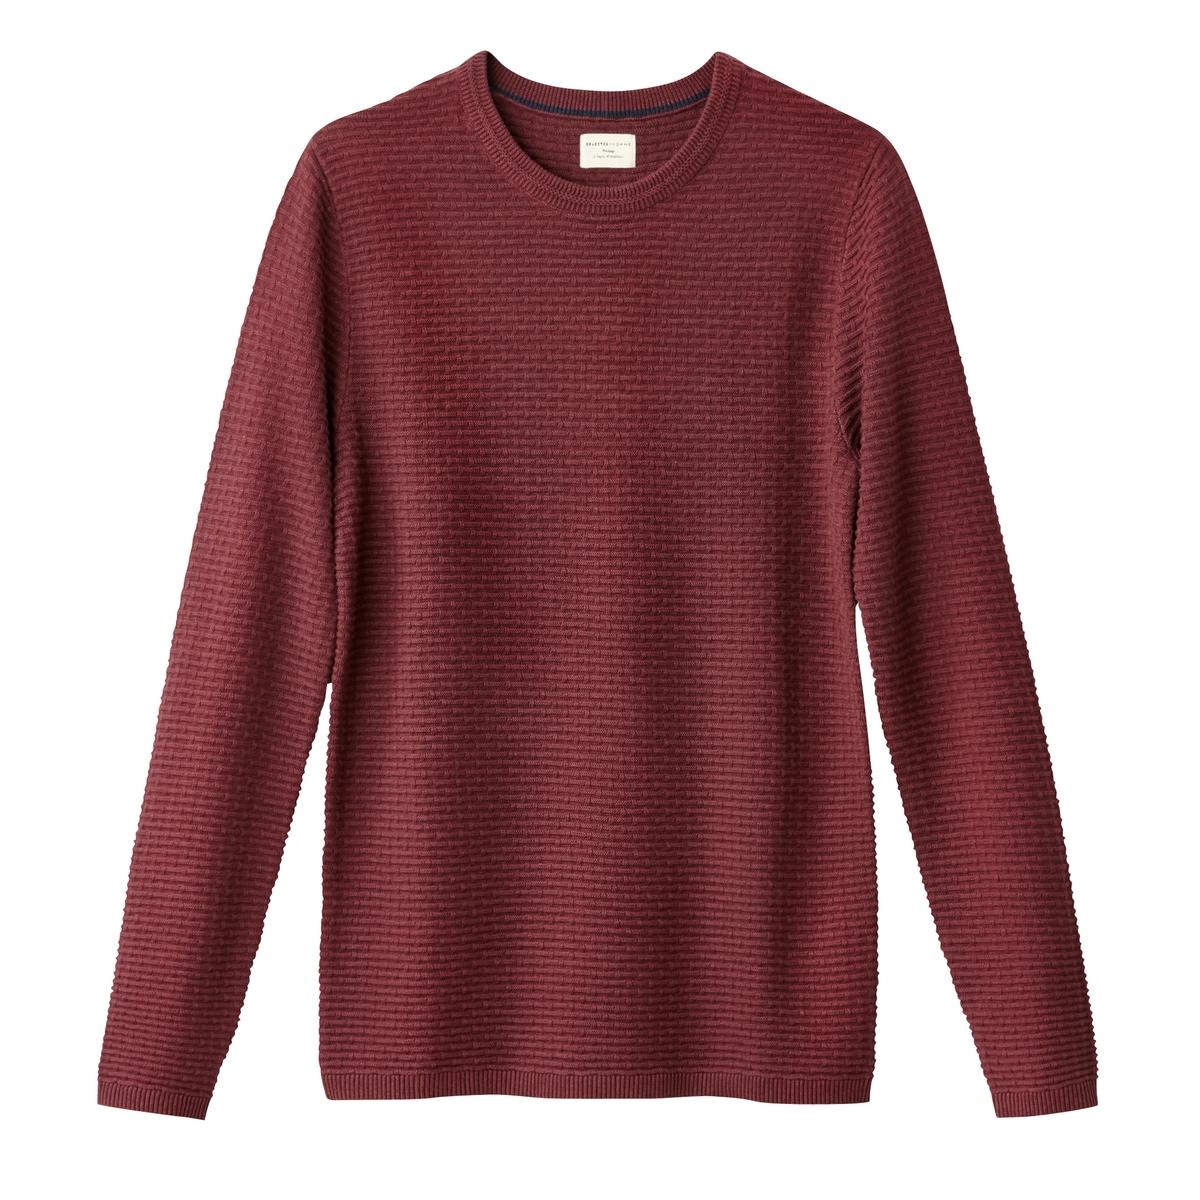 Пуловер из тонкого трикотажаДетали  •  Длинные рукава  •  Круглый вырез •  Тонкий трикотаж Состав и уход  •  100% хлопок  •  Следуйте советам по уходу, указанным на этикетке<br><br>Цвет: красный/ бордовый<br>Размер: L